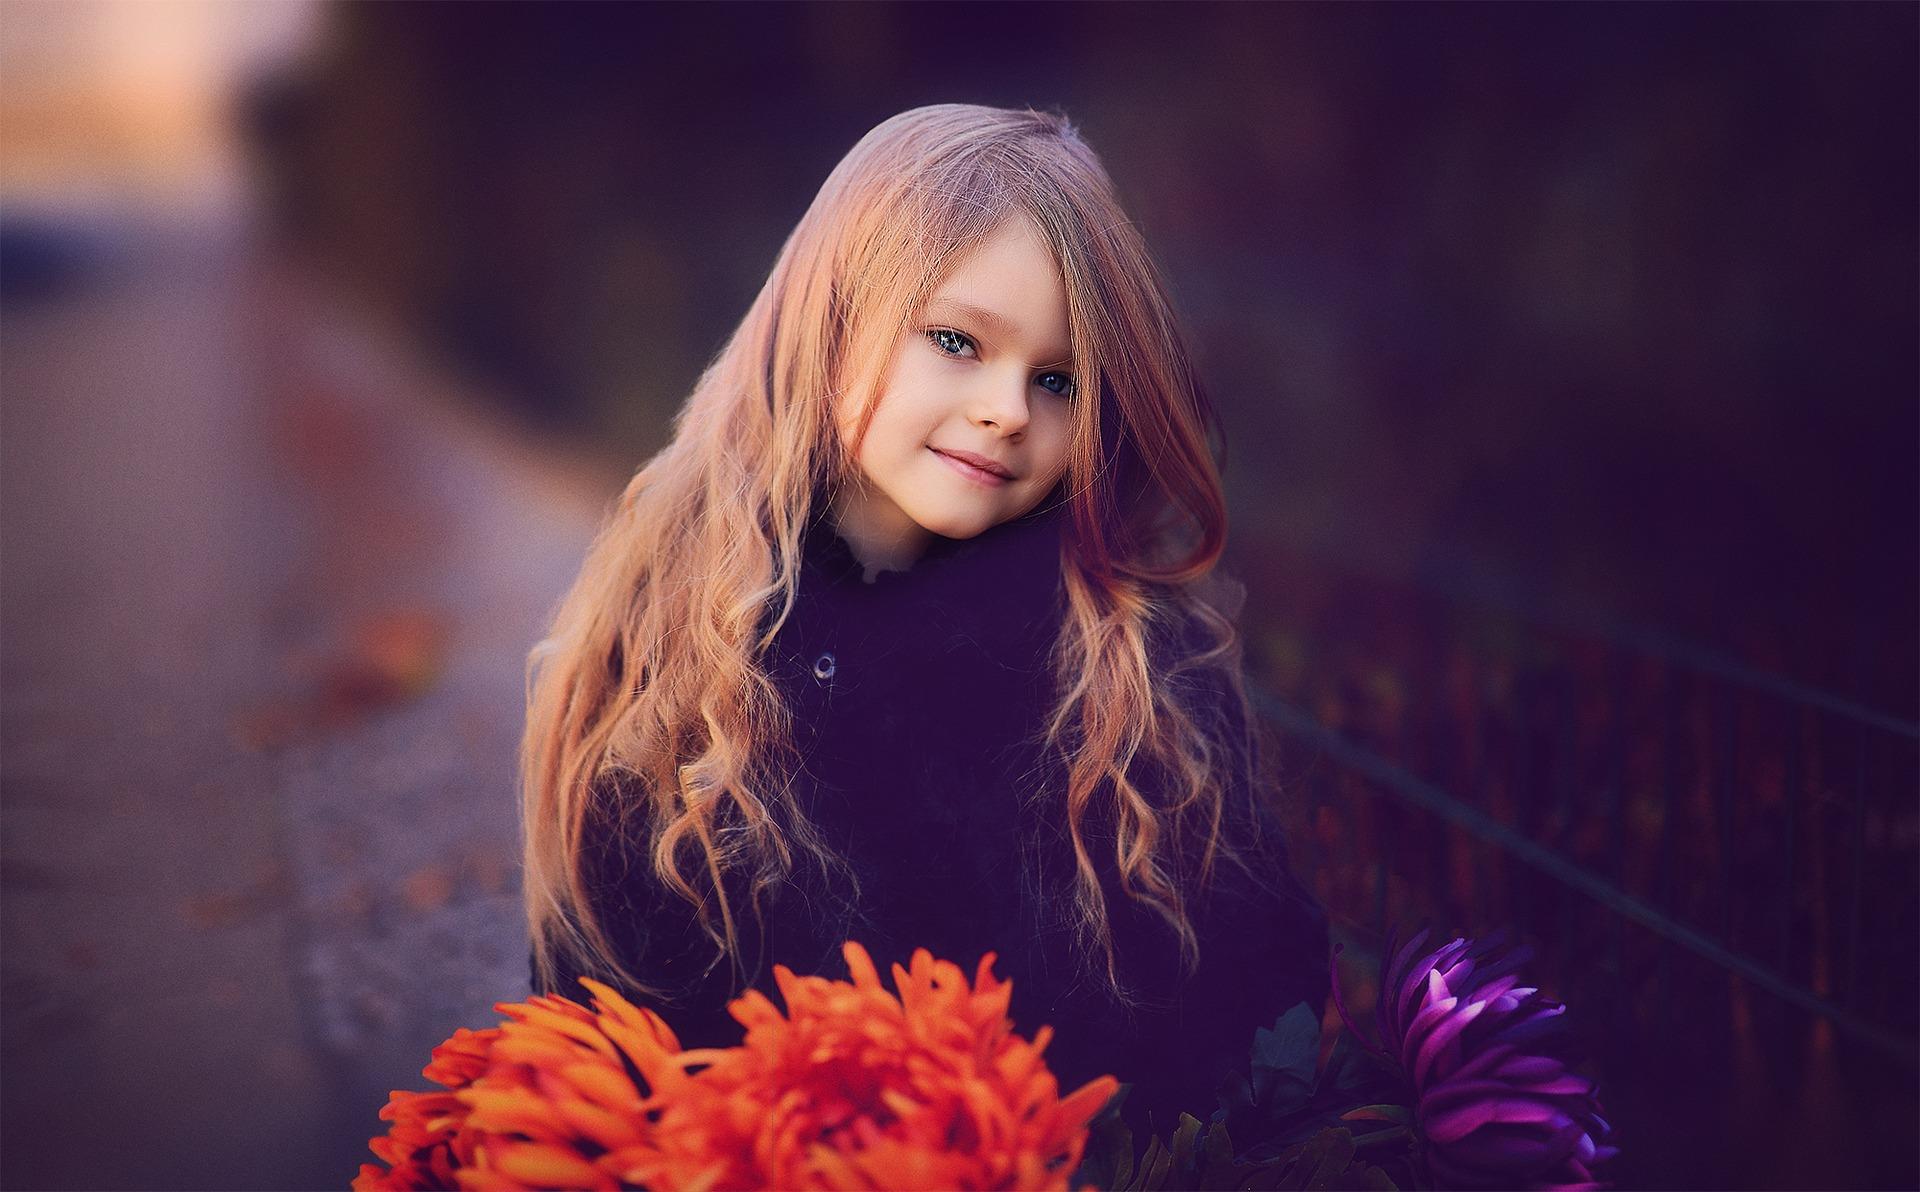 child-2147233_1920